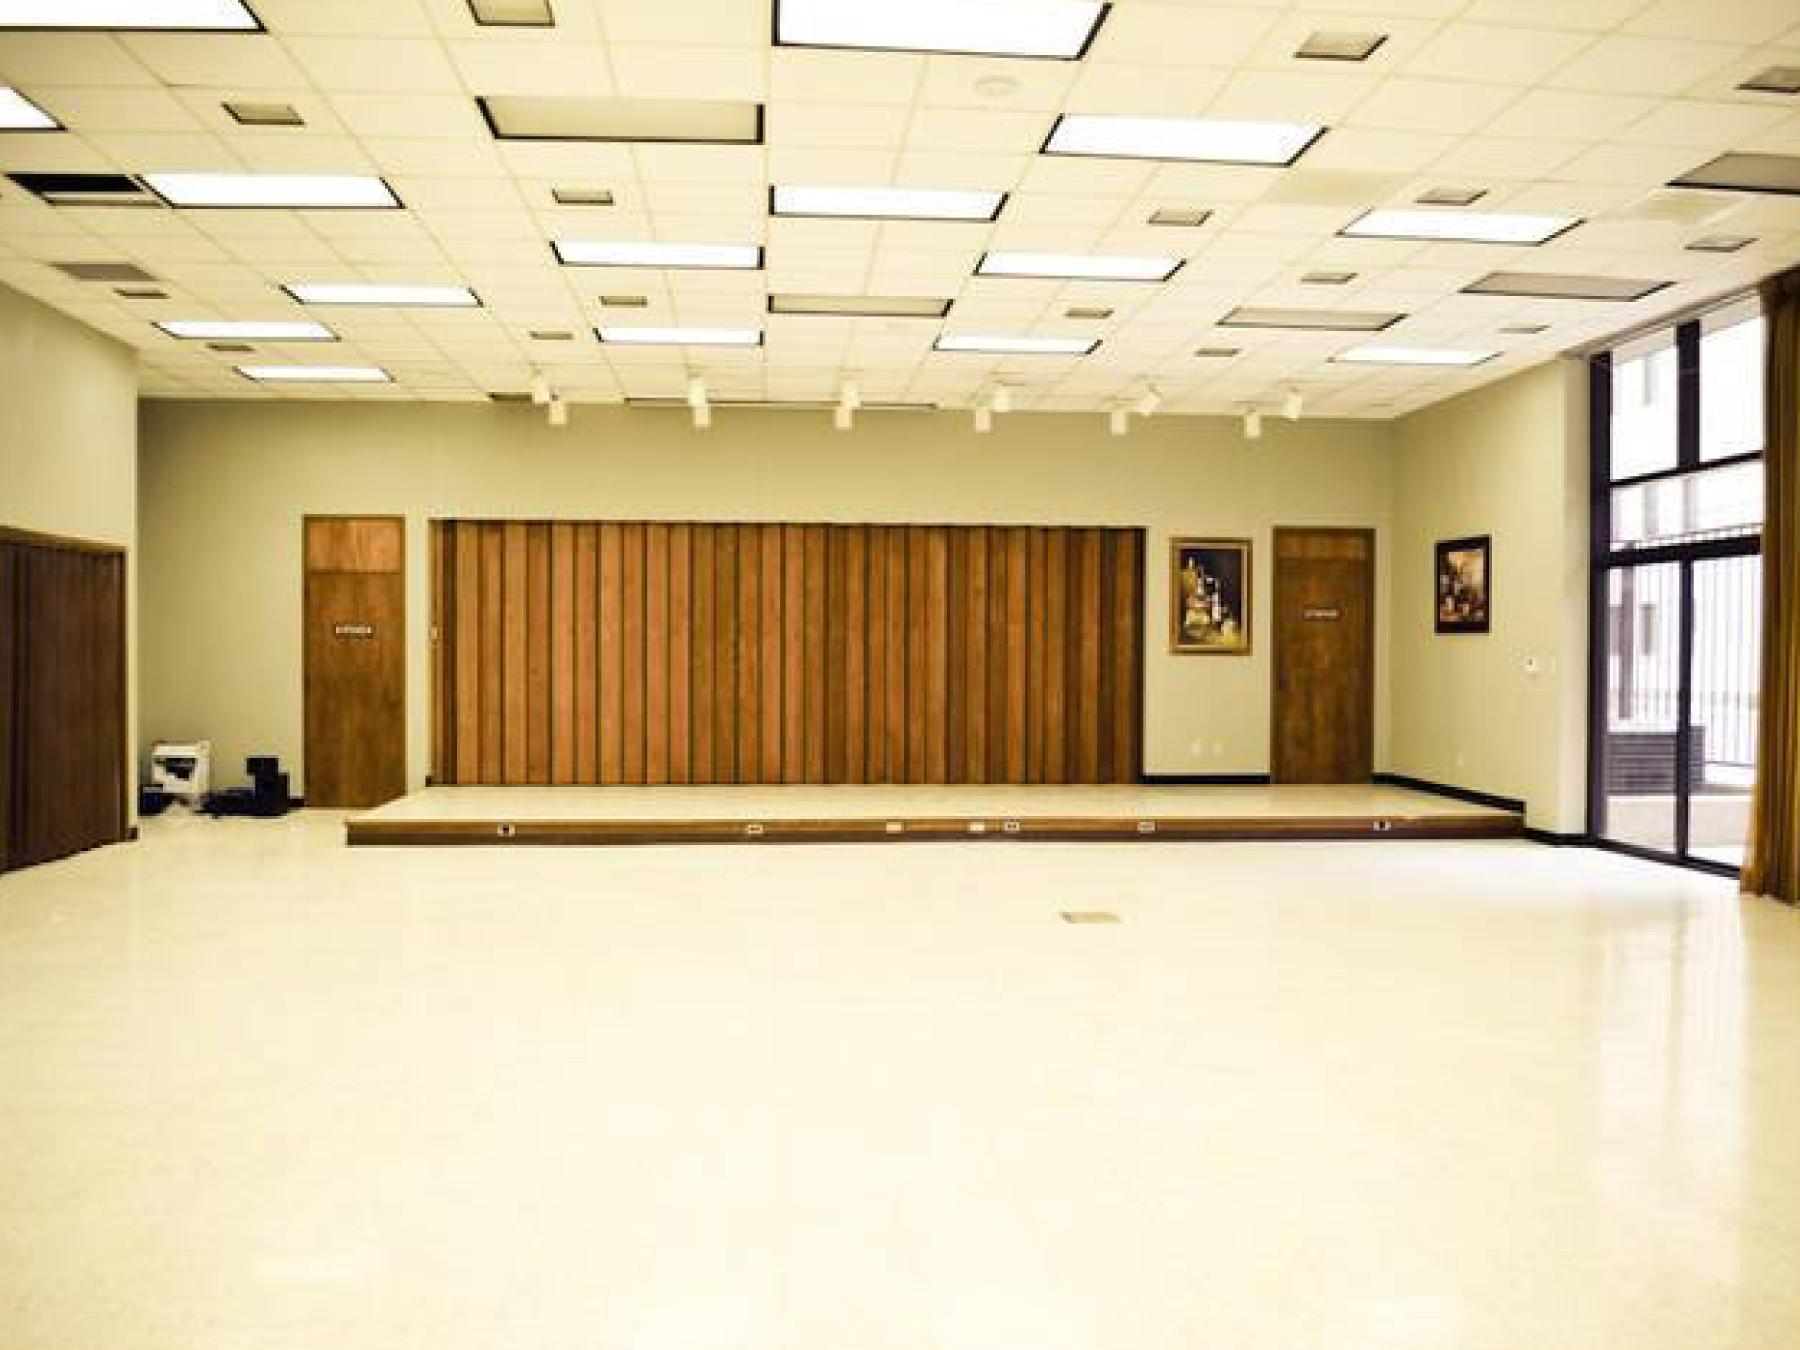 bistro express Wichita Falls centre point venue 4